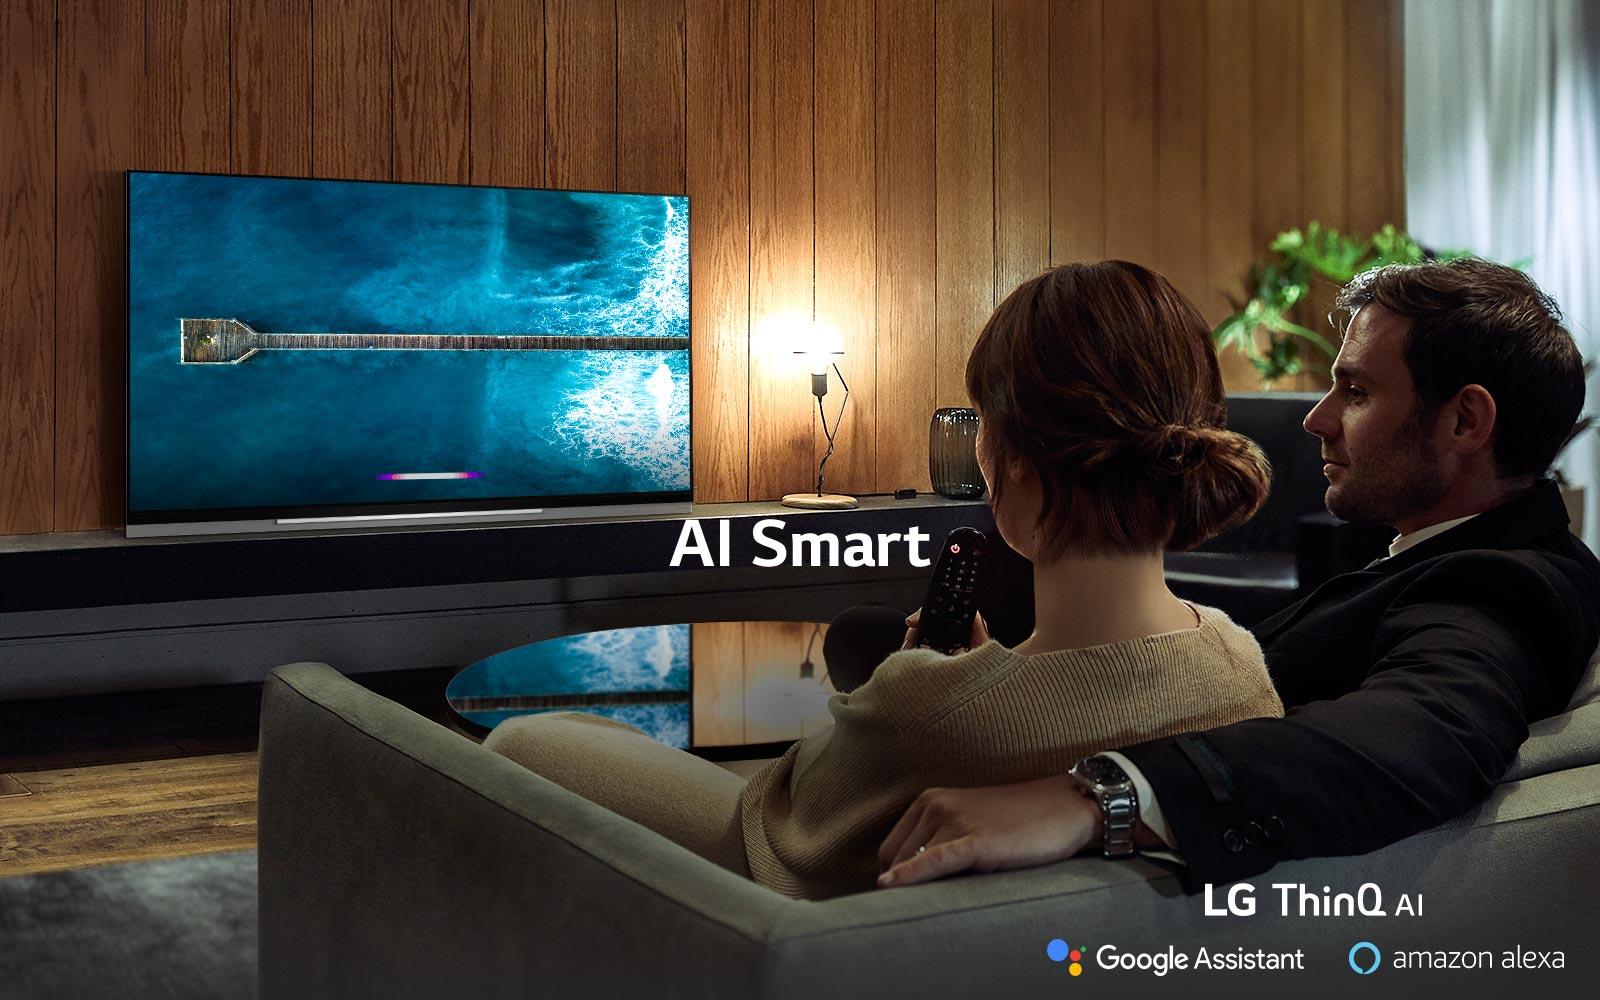 Doživite čudesan svijet uz novu inteligenciju1